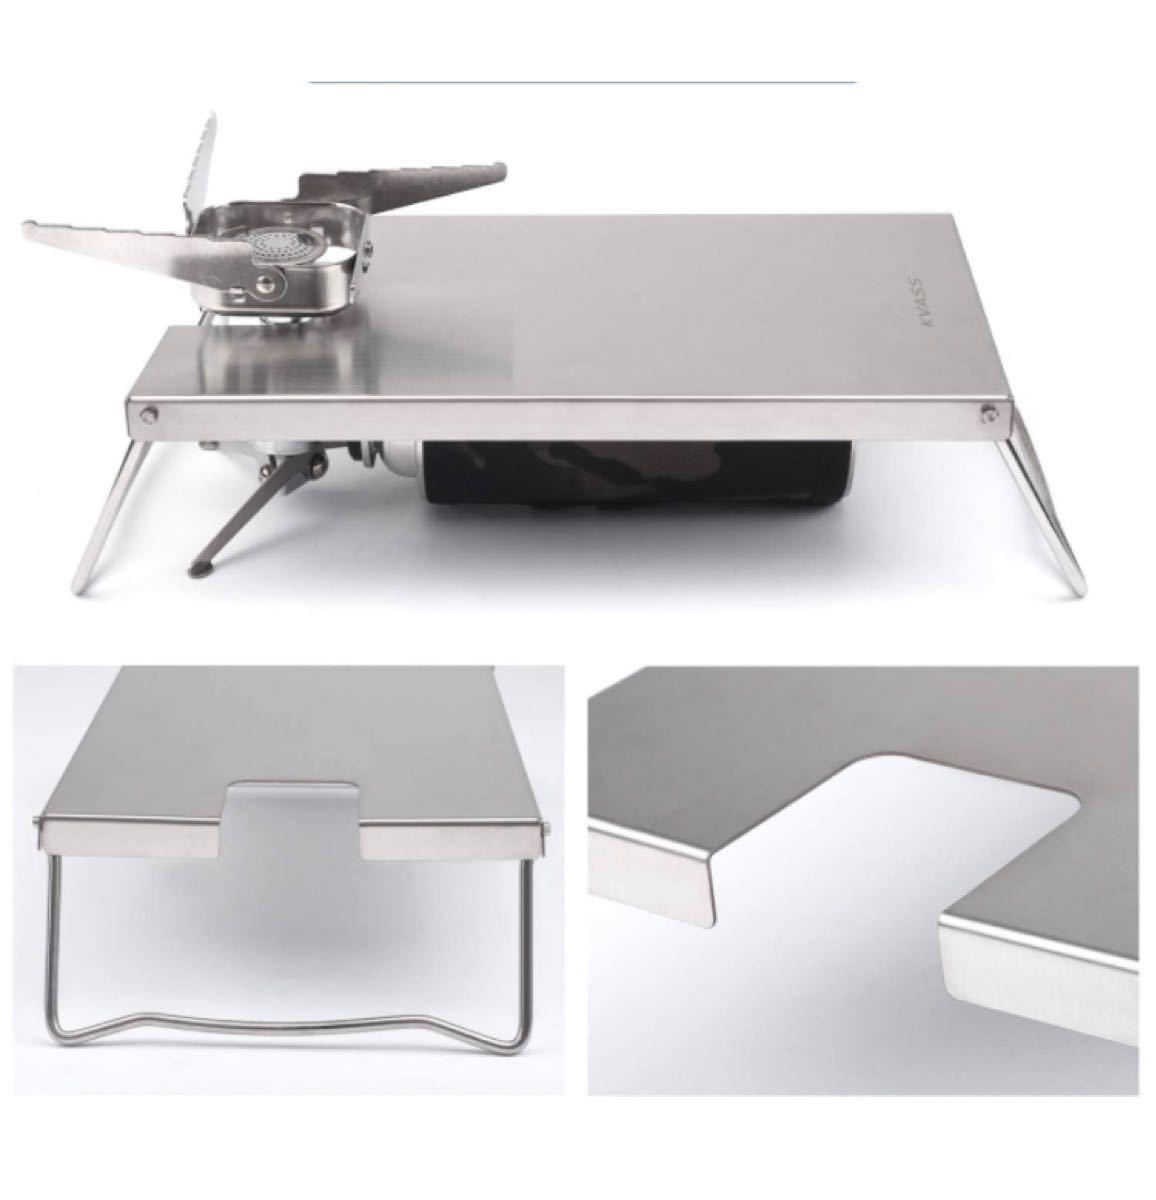 イワタニ ジュニアコンパクトバーナー CB-JCB専用  遮熱テーブル シングルバーナー